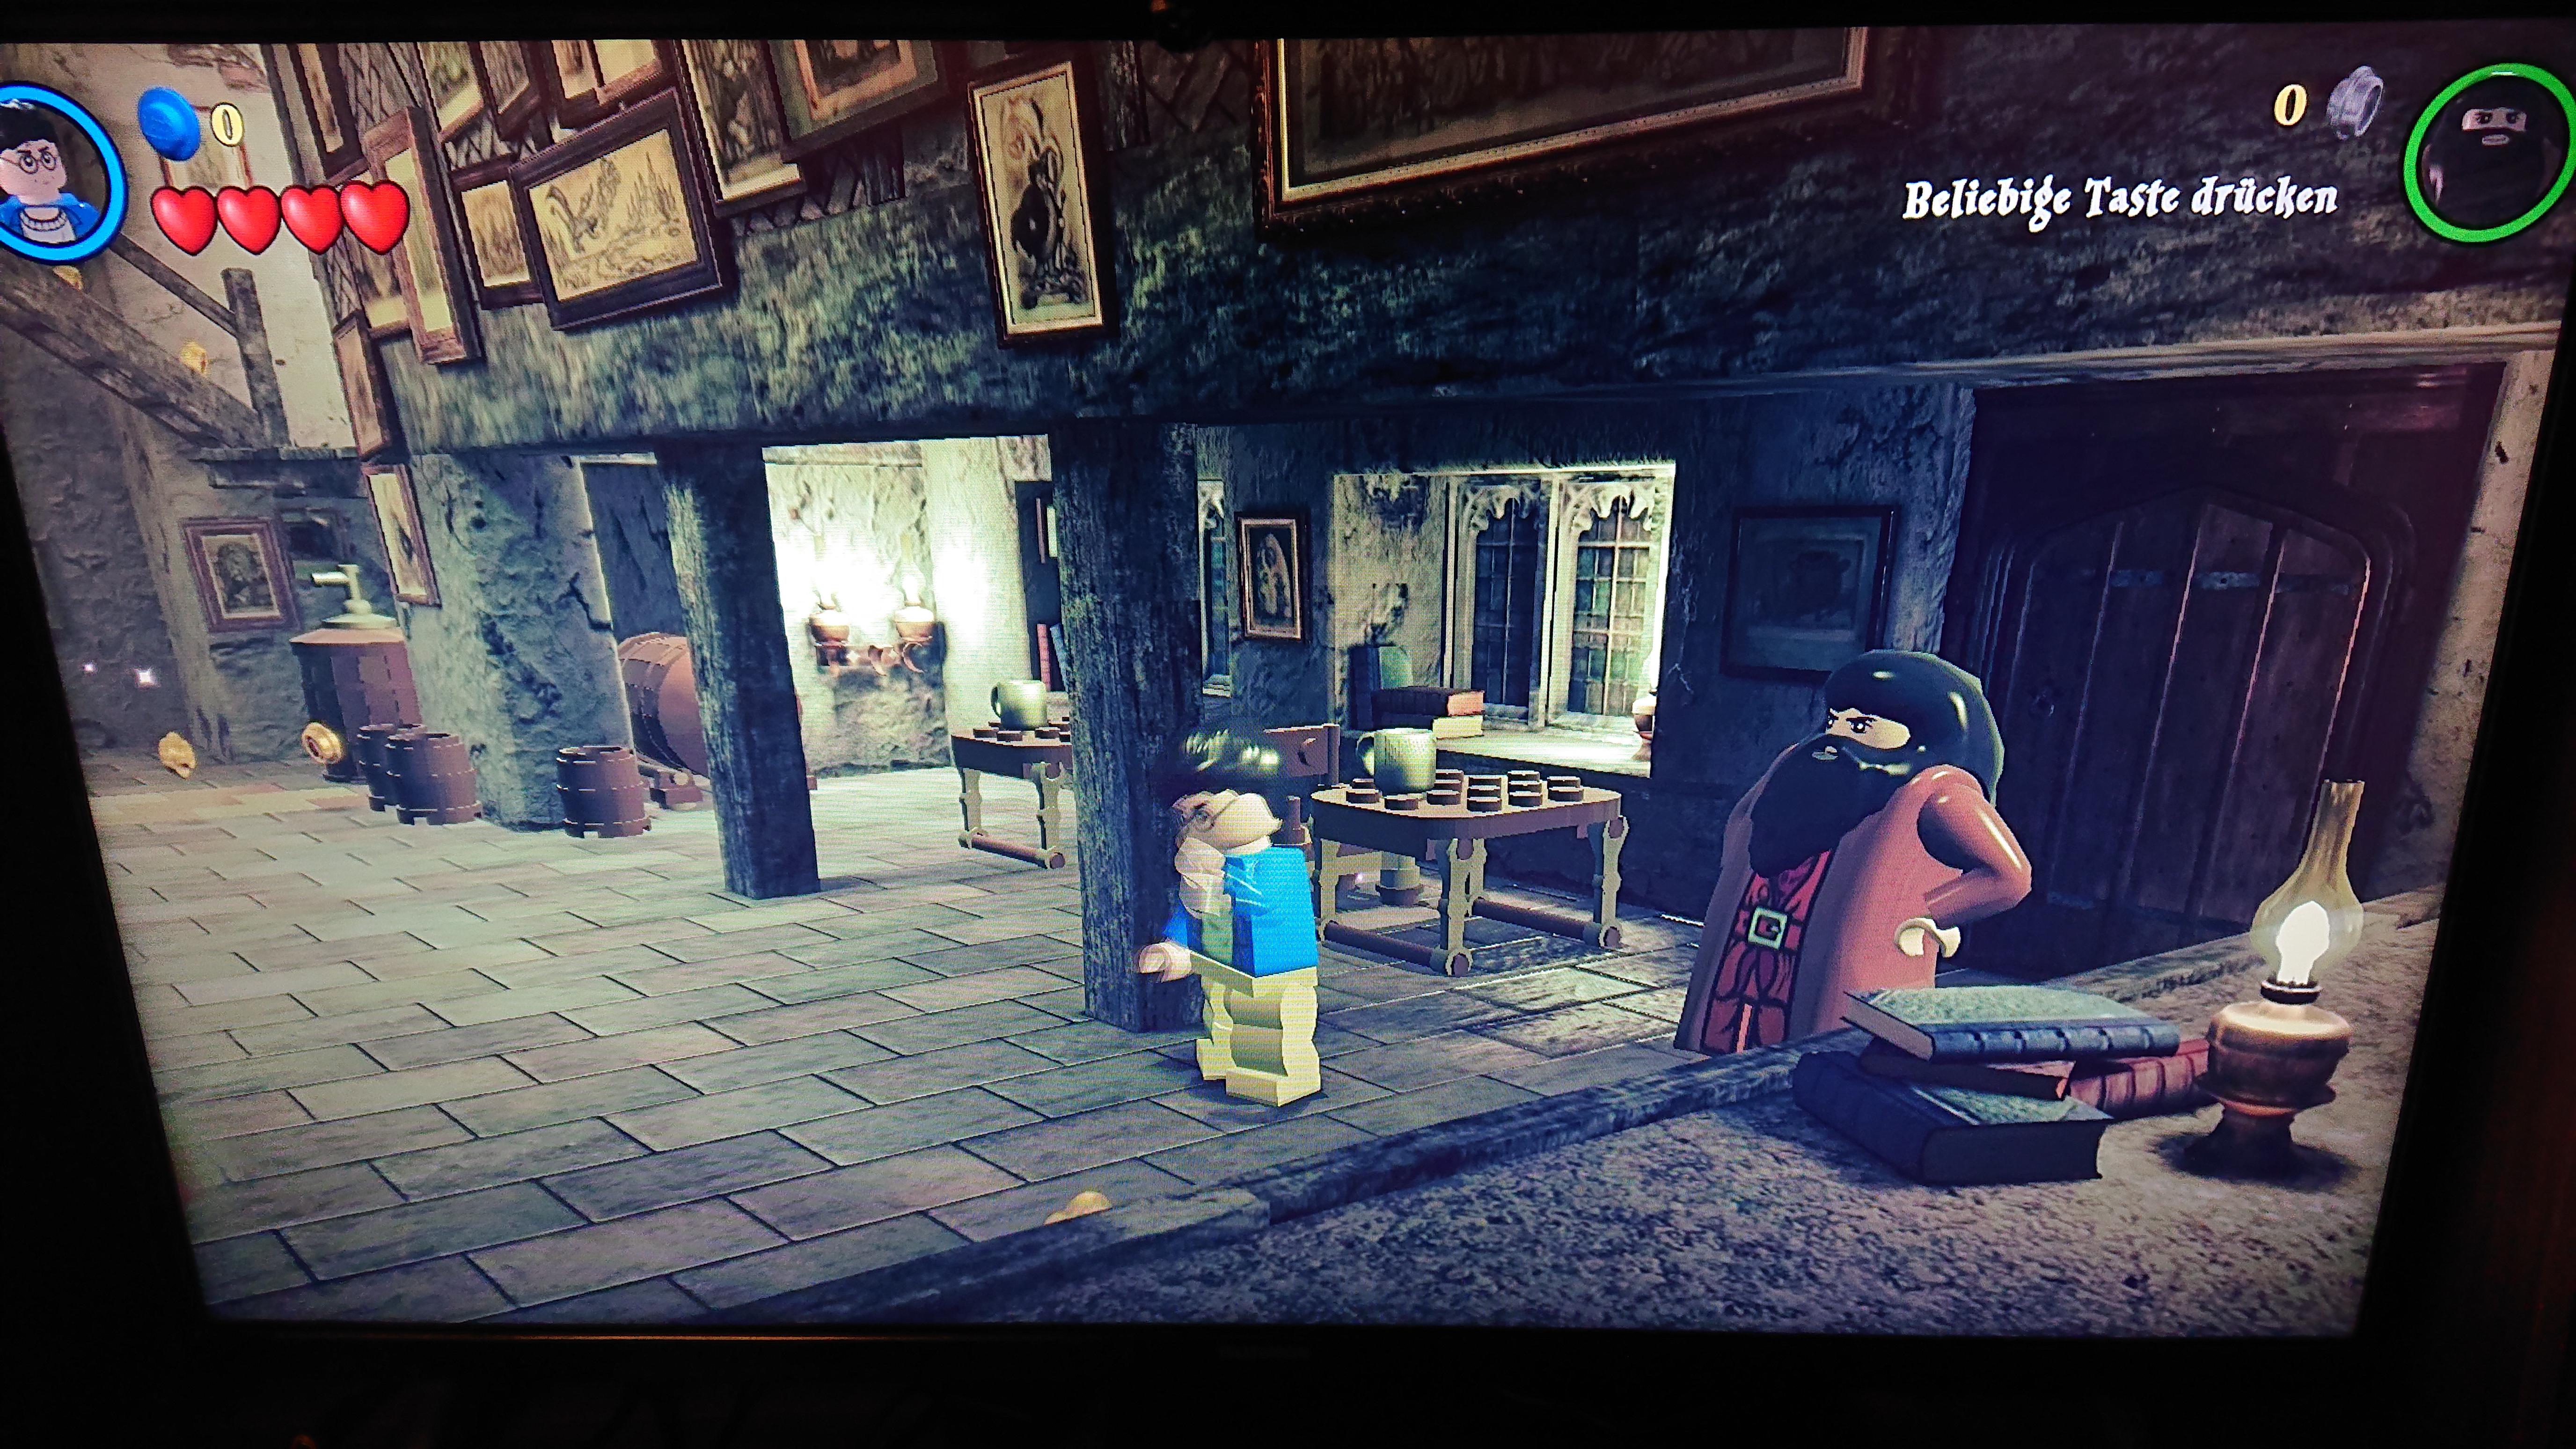 Wie Kann Man Den Multiplayer Modus Im Spiel Harry Potter Auf Der Nintendo Switch Aktivieren Computer Technik Spiele Und Gaming